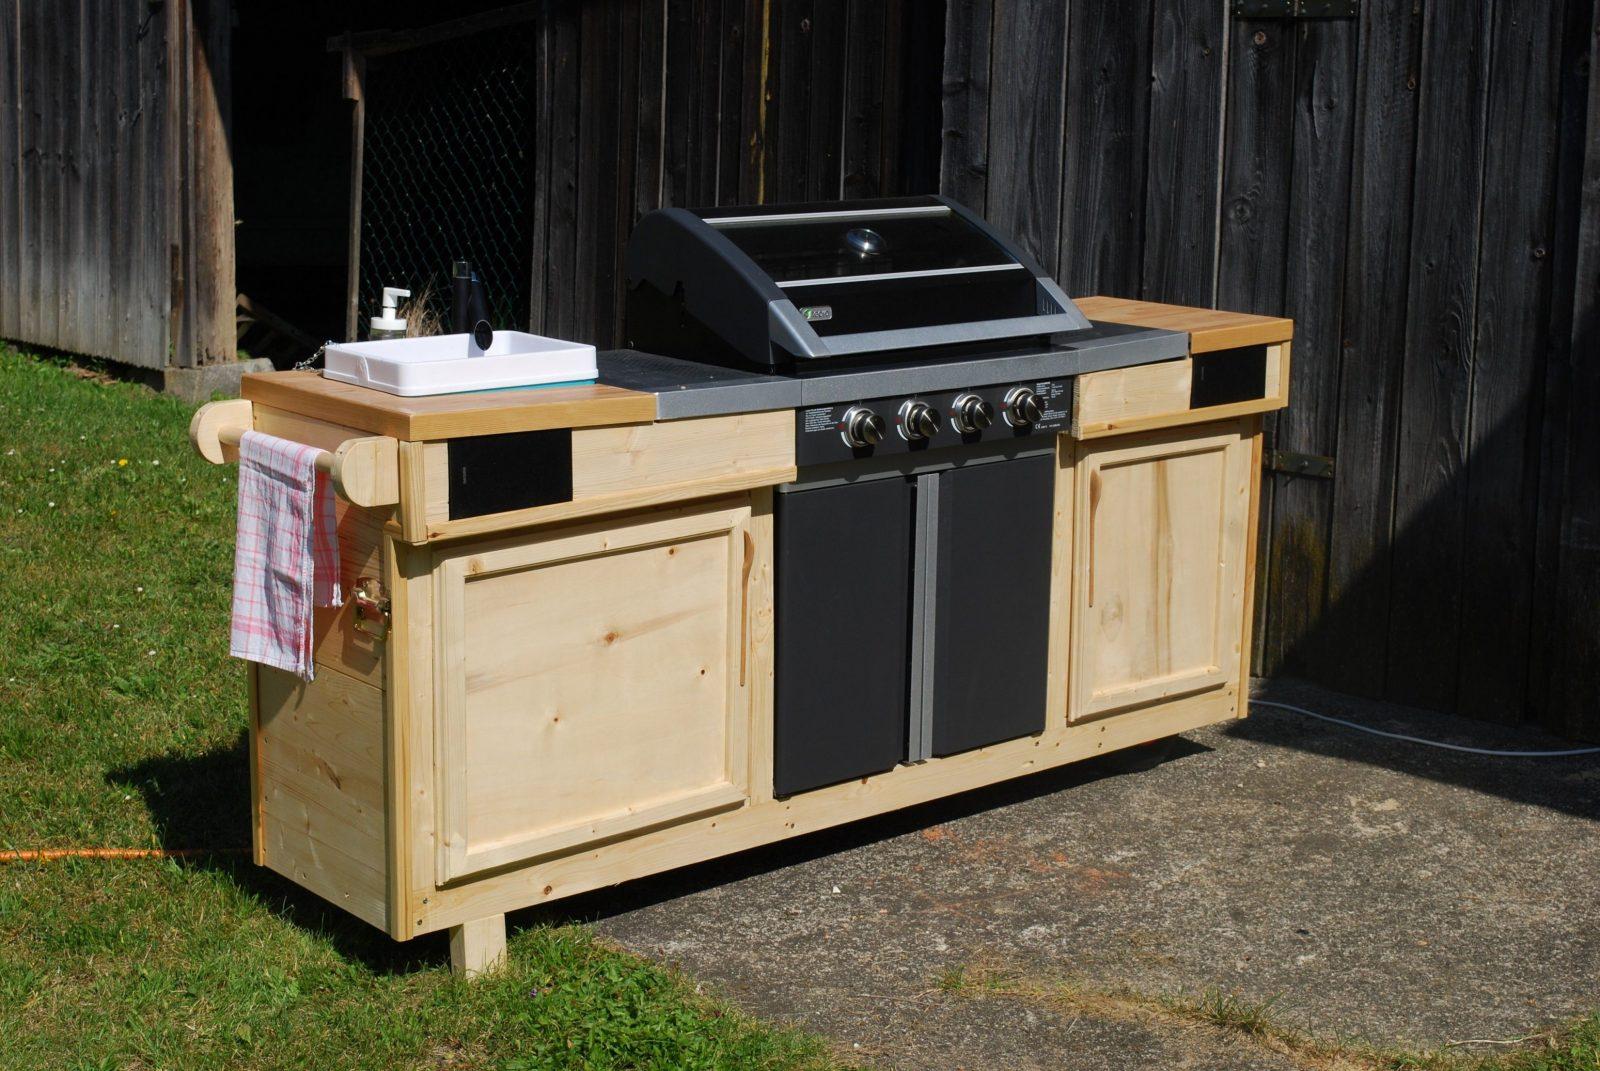 37 Wunderbar Ideen Für Outdoor Küche Selber Bauen Paletten von Outdoor Küche Selber Bauen Garten Bild